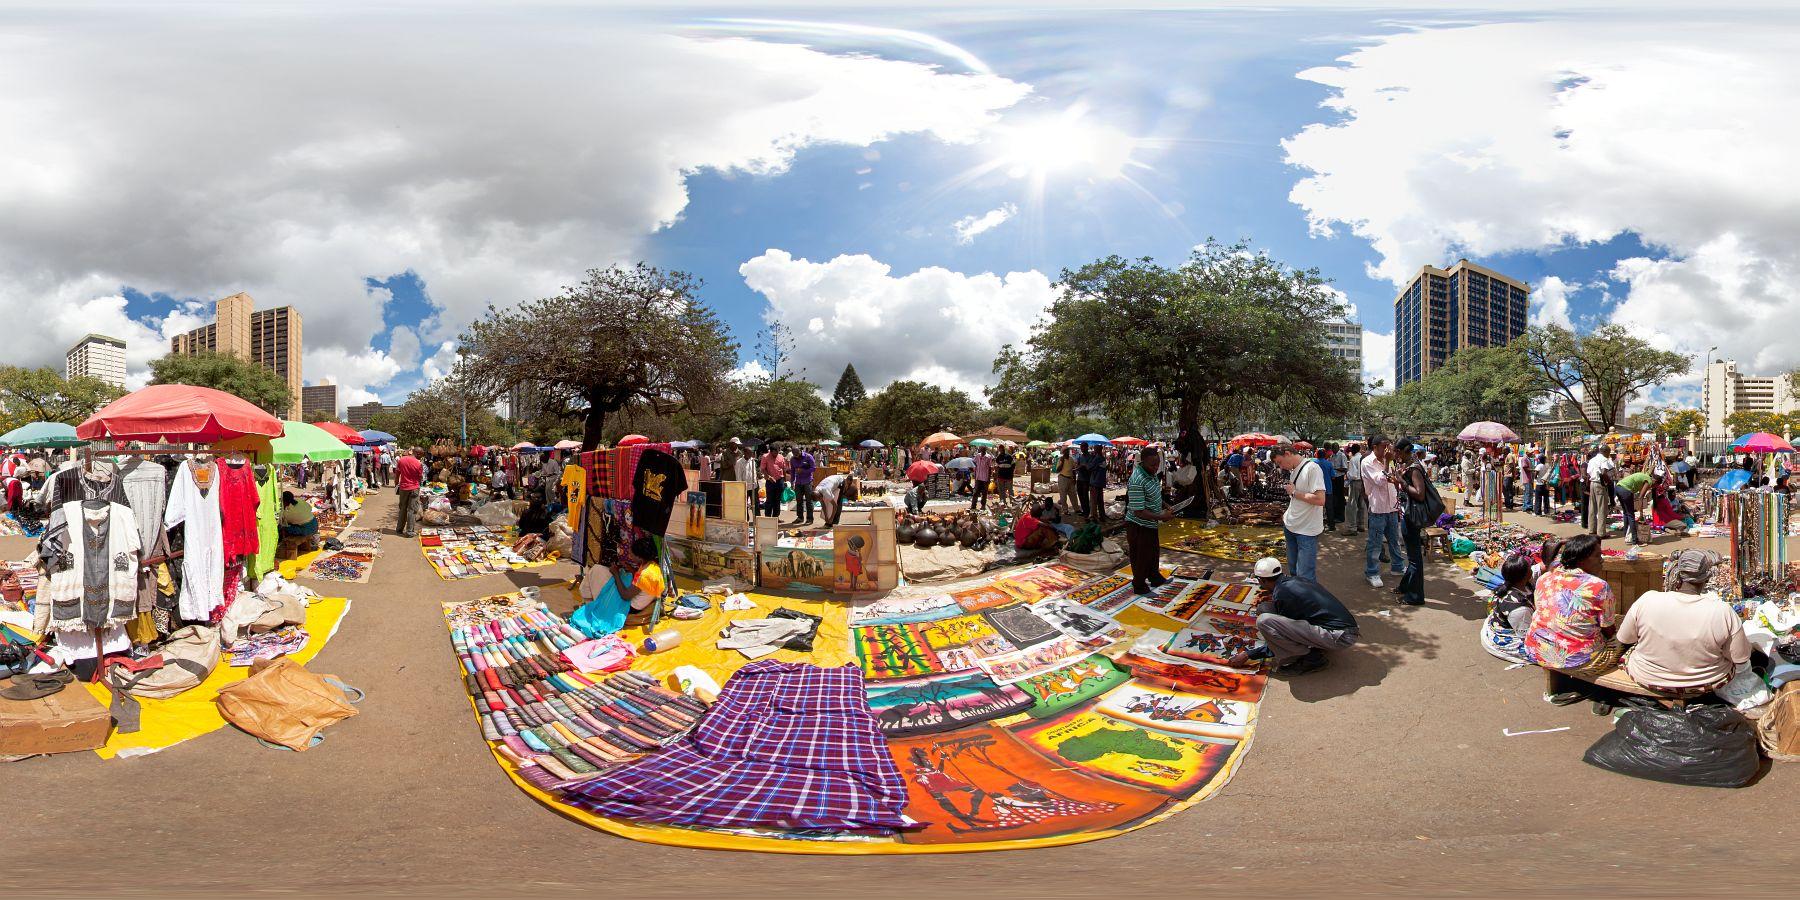 Panorama Kenia Nairobi Markt 2